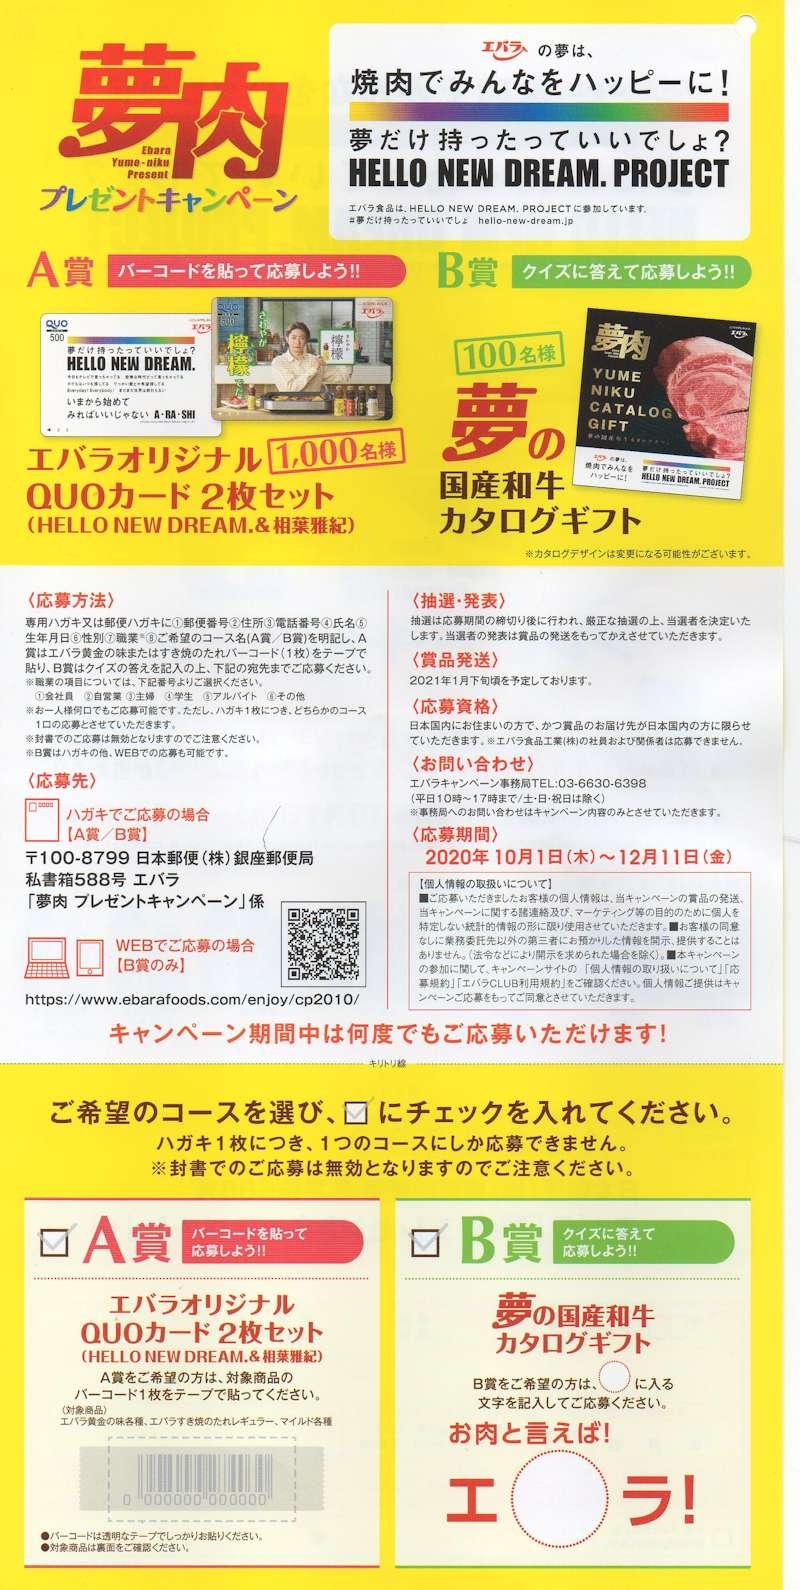 エバラ×「夢肉プレゼントキャンペーン」2020/12/11〆